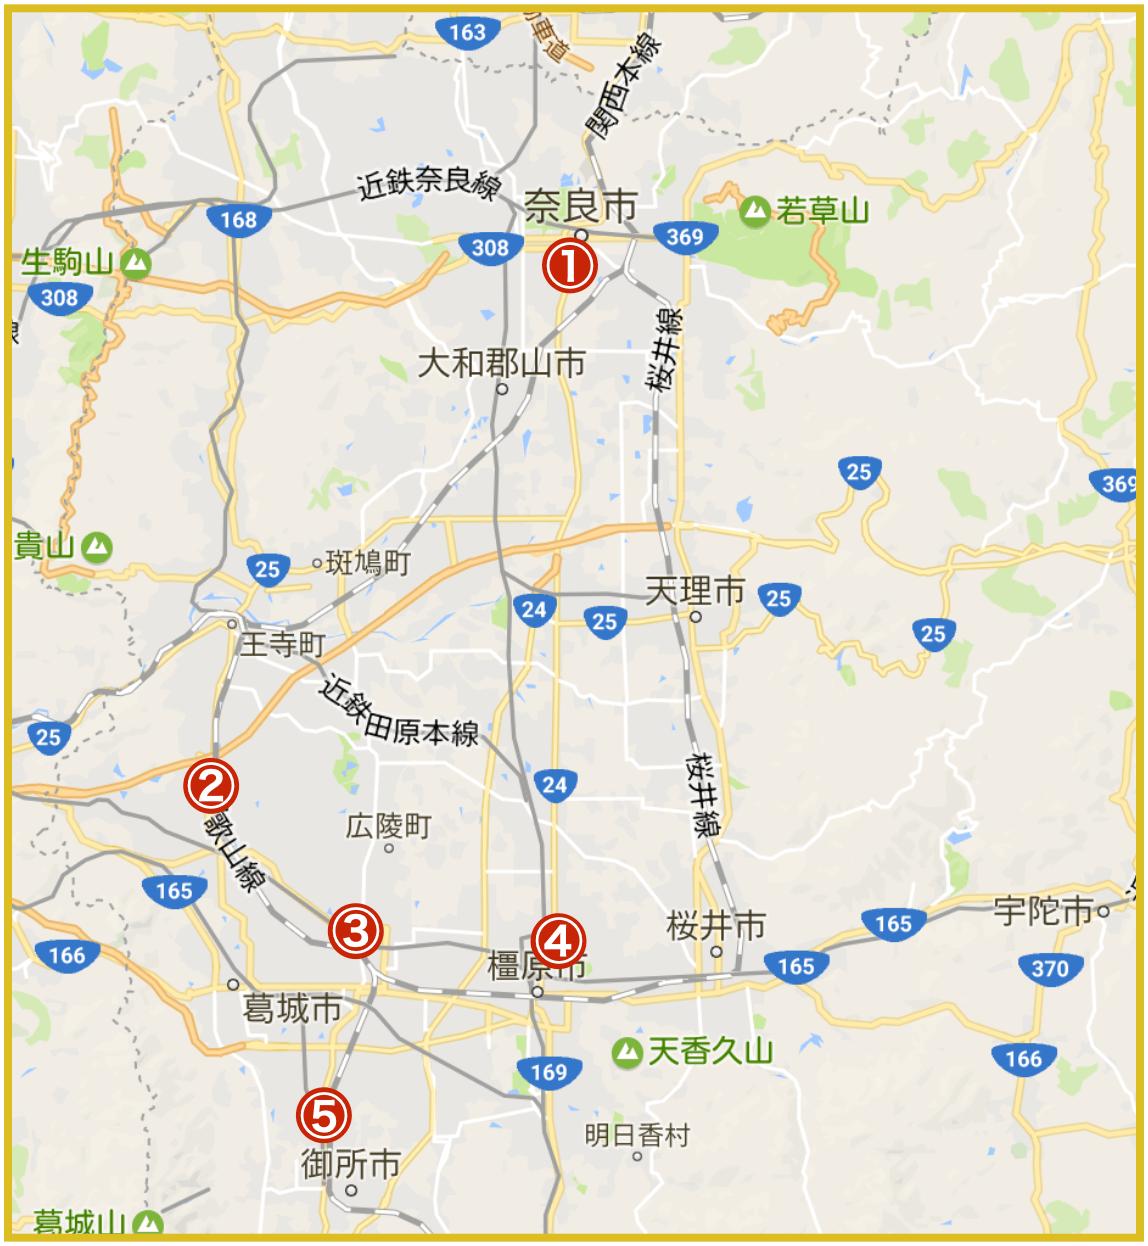 奈良県にあるプロミス店舗・ATMの位置(2020年版)